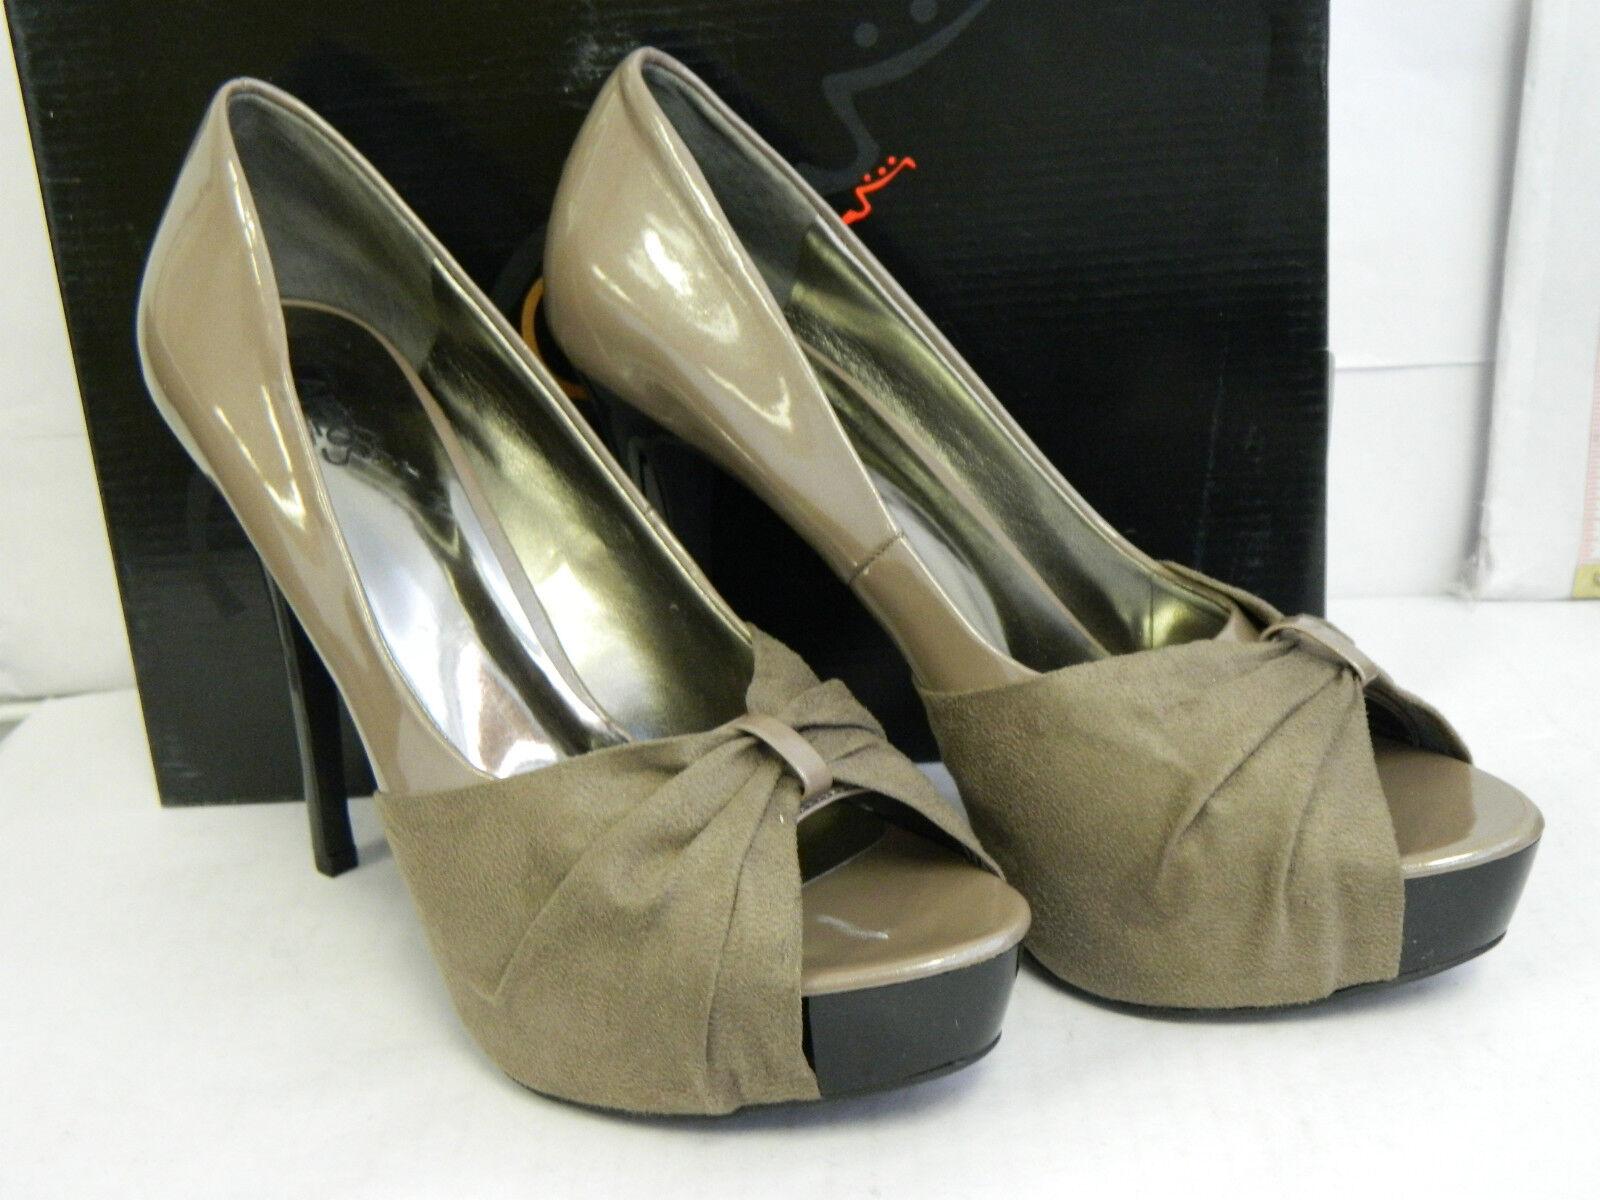 rivenditore di fitness Carlos Santana New donna Damon Taupe Open Toe Heels Heels Heels 8.5 M scarpe  scelte con prezzo basso